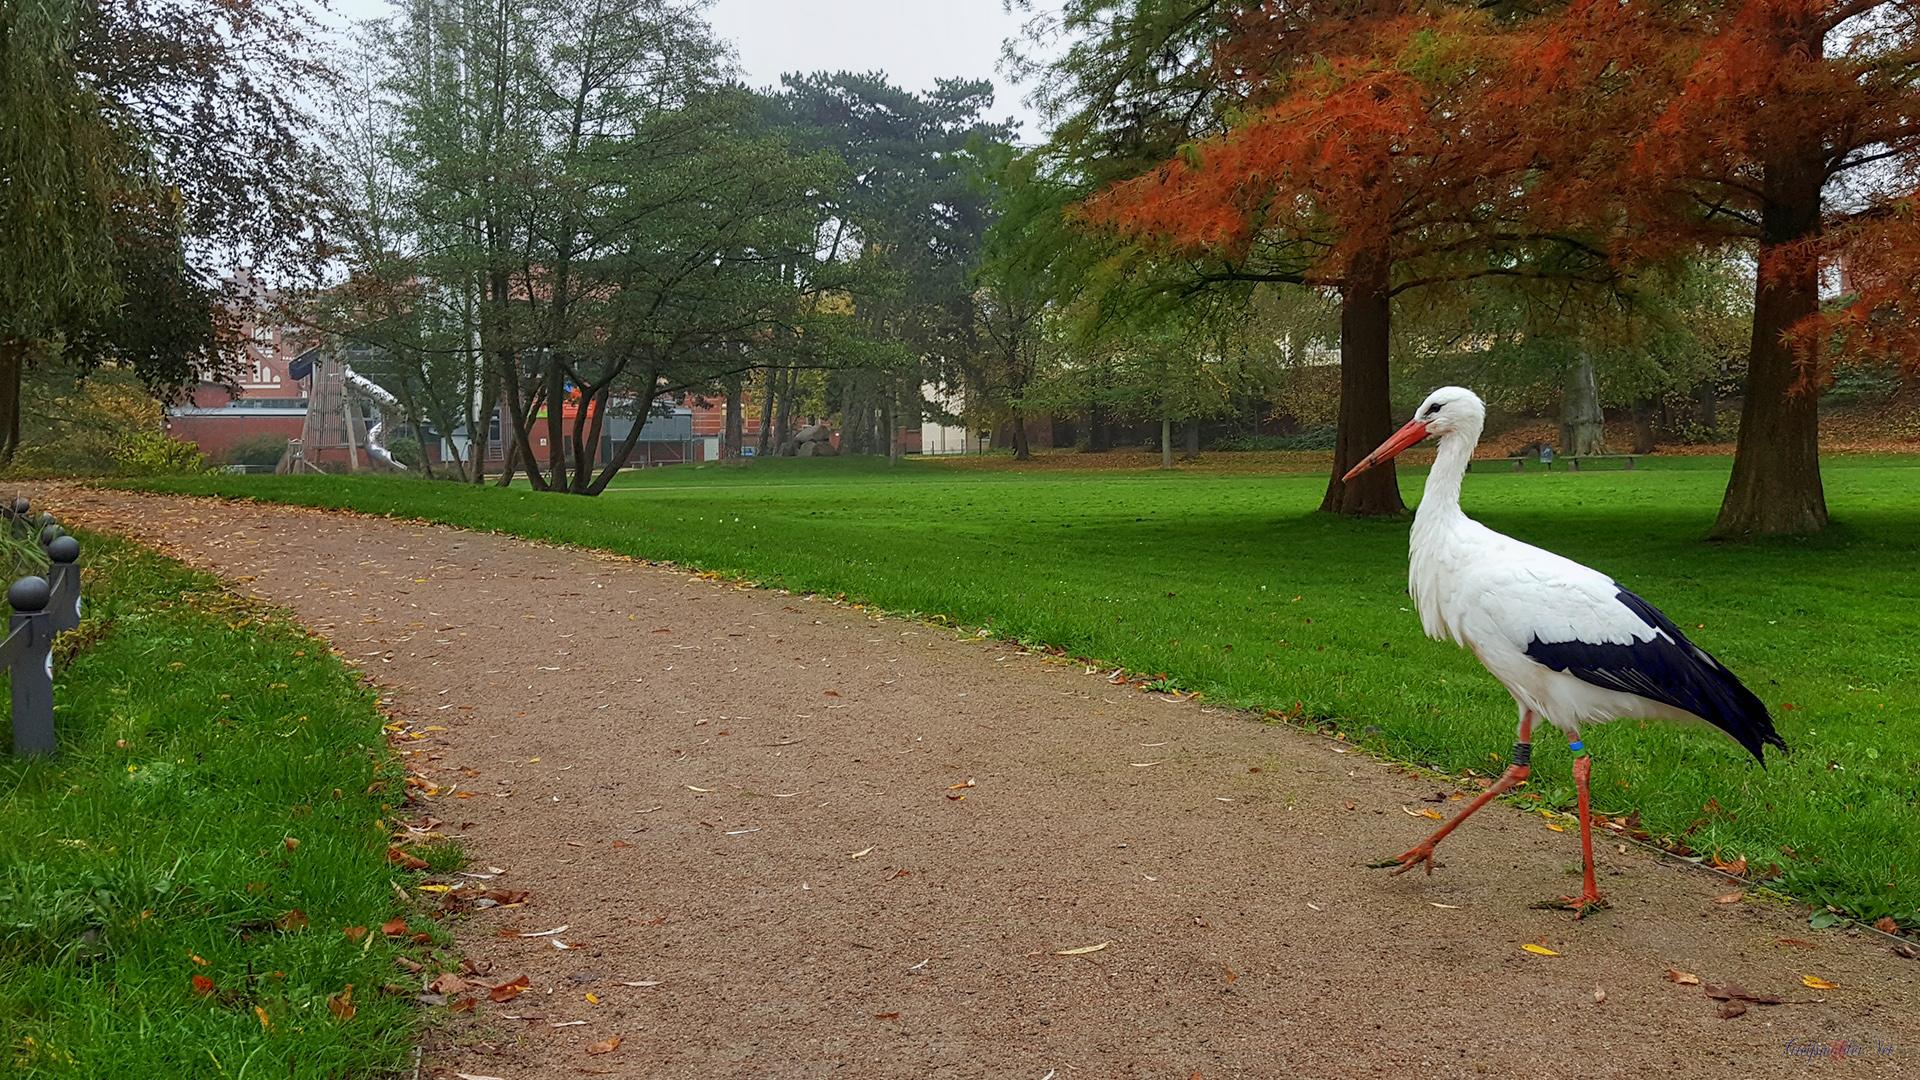 Spaziergang in den Credner-Anlagen in Greifswald